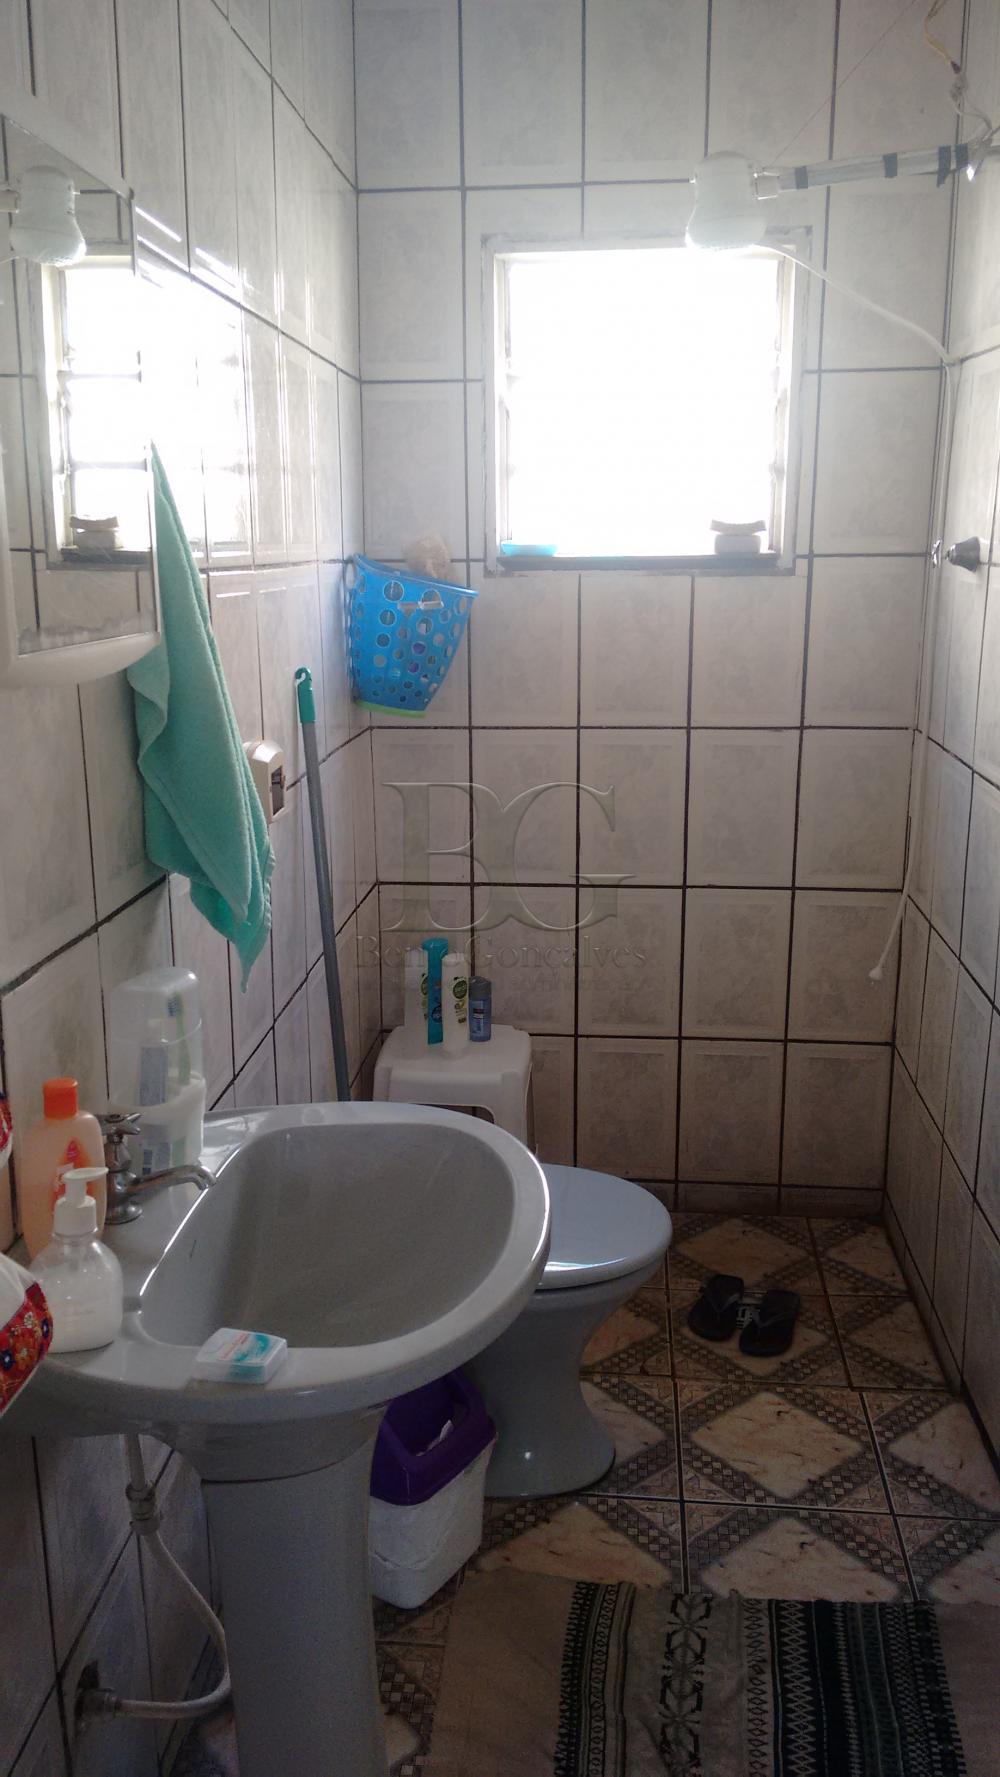 Comprar Casas / Padrão em Poços de Caldas apenas R$ 190.000,00 - Foto 13